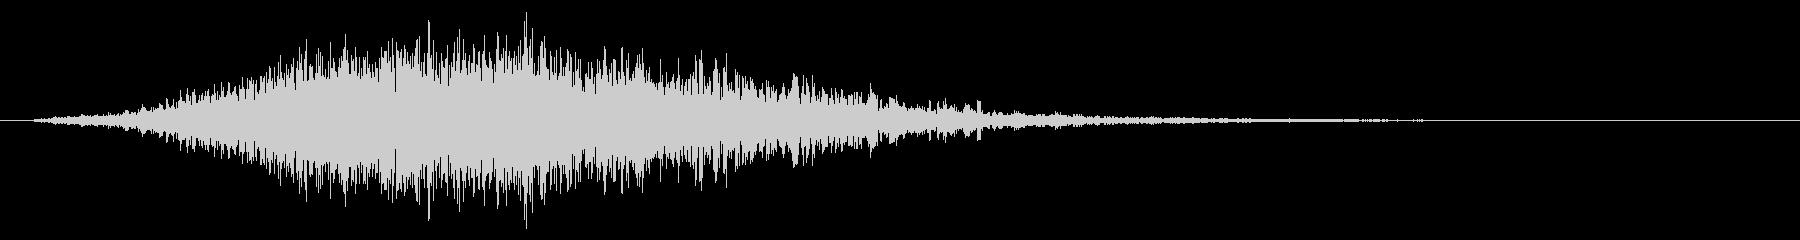 メカやロボの起動音「ブーン!」6の未再生の波形